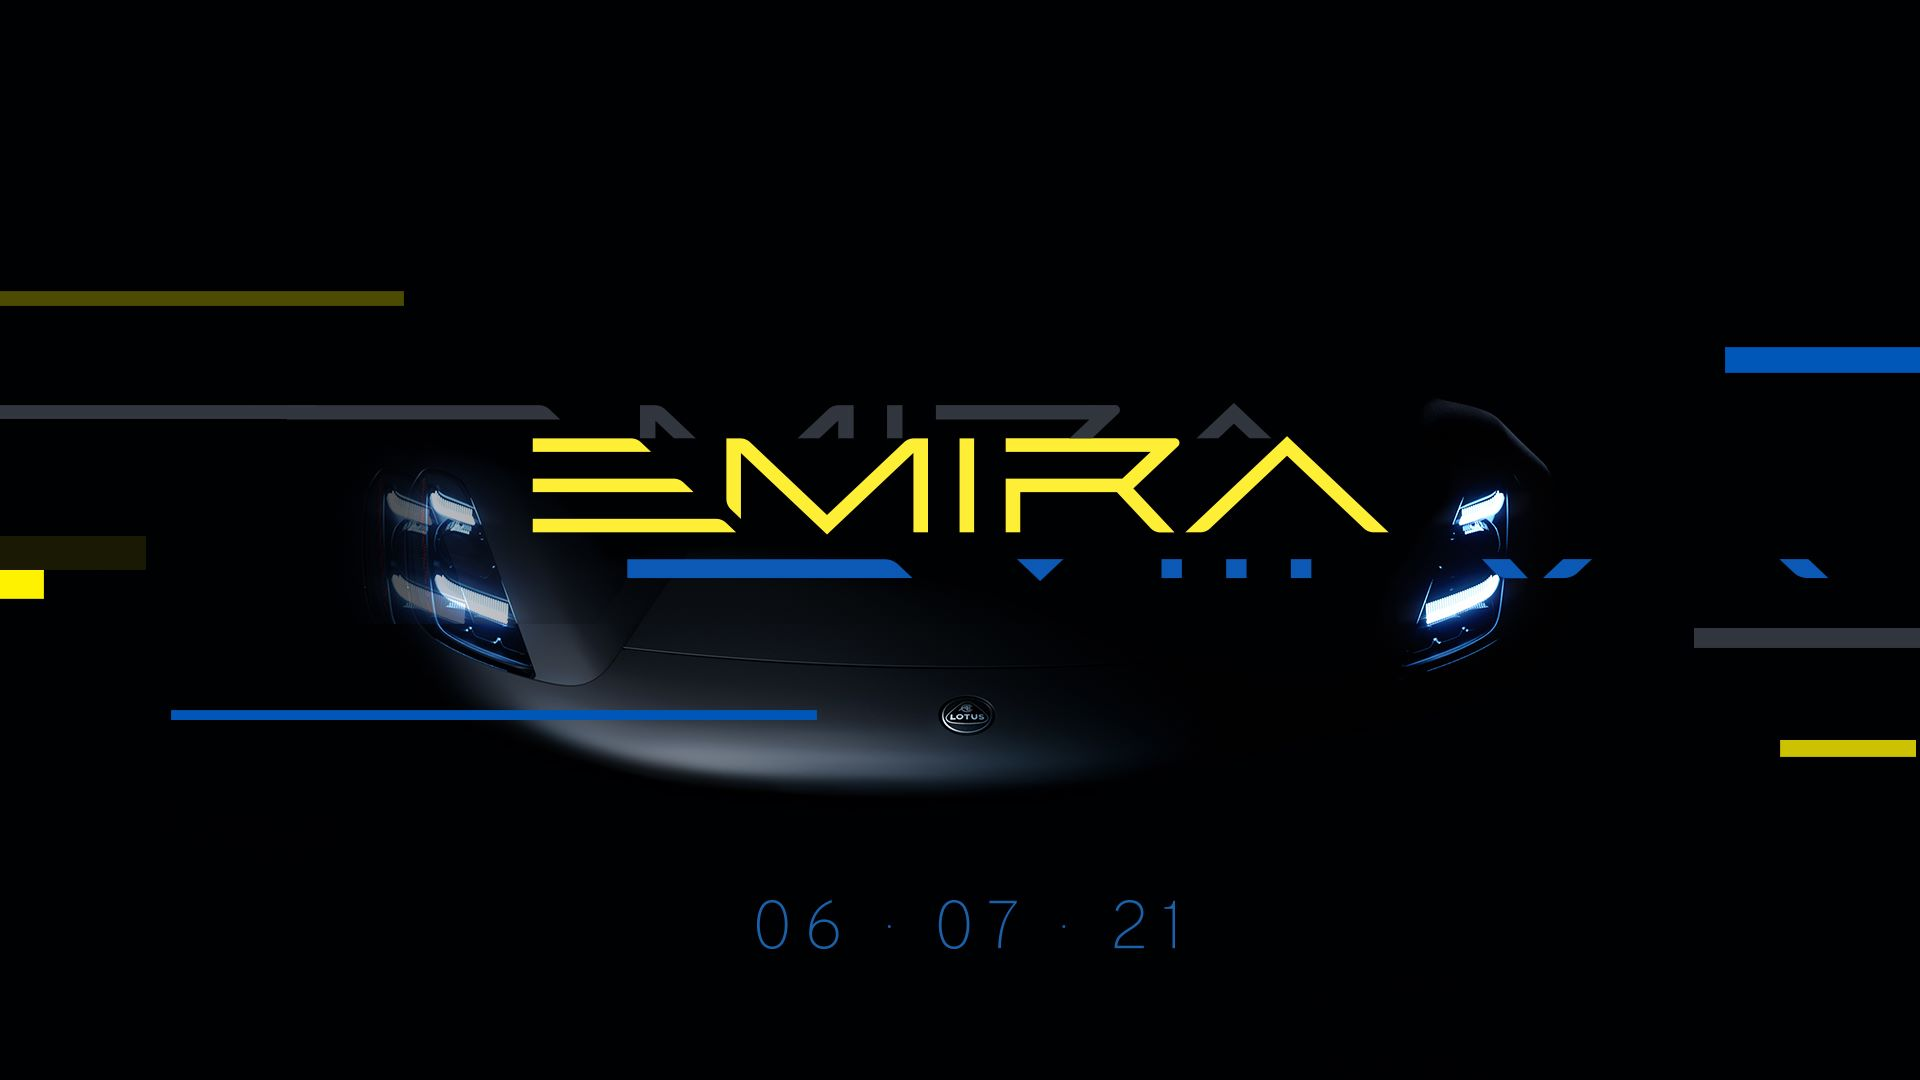 Lotus-Emira-LaunchDate